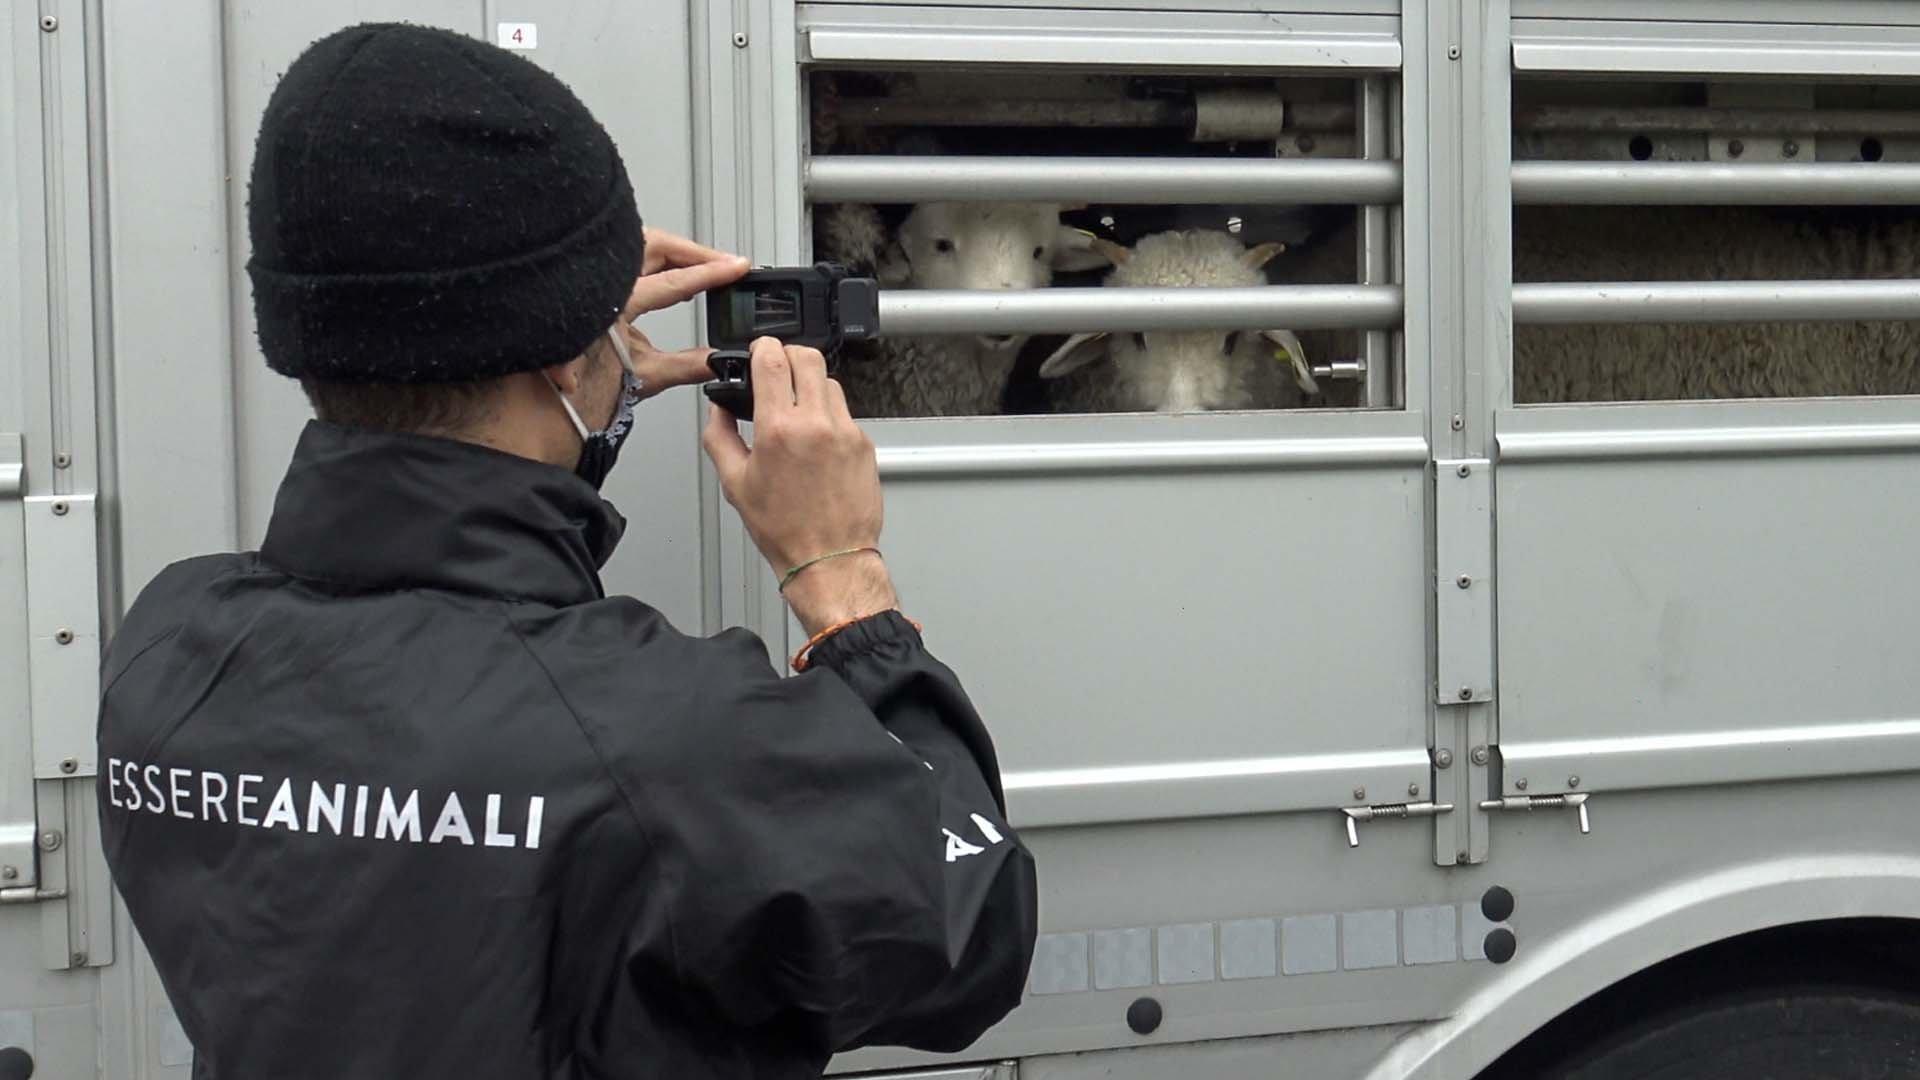 Un volontario davanti al camion che trasporta agnelli - Foto di Essere Animali